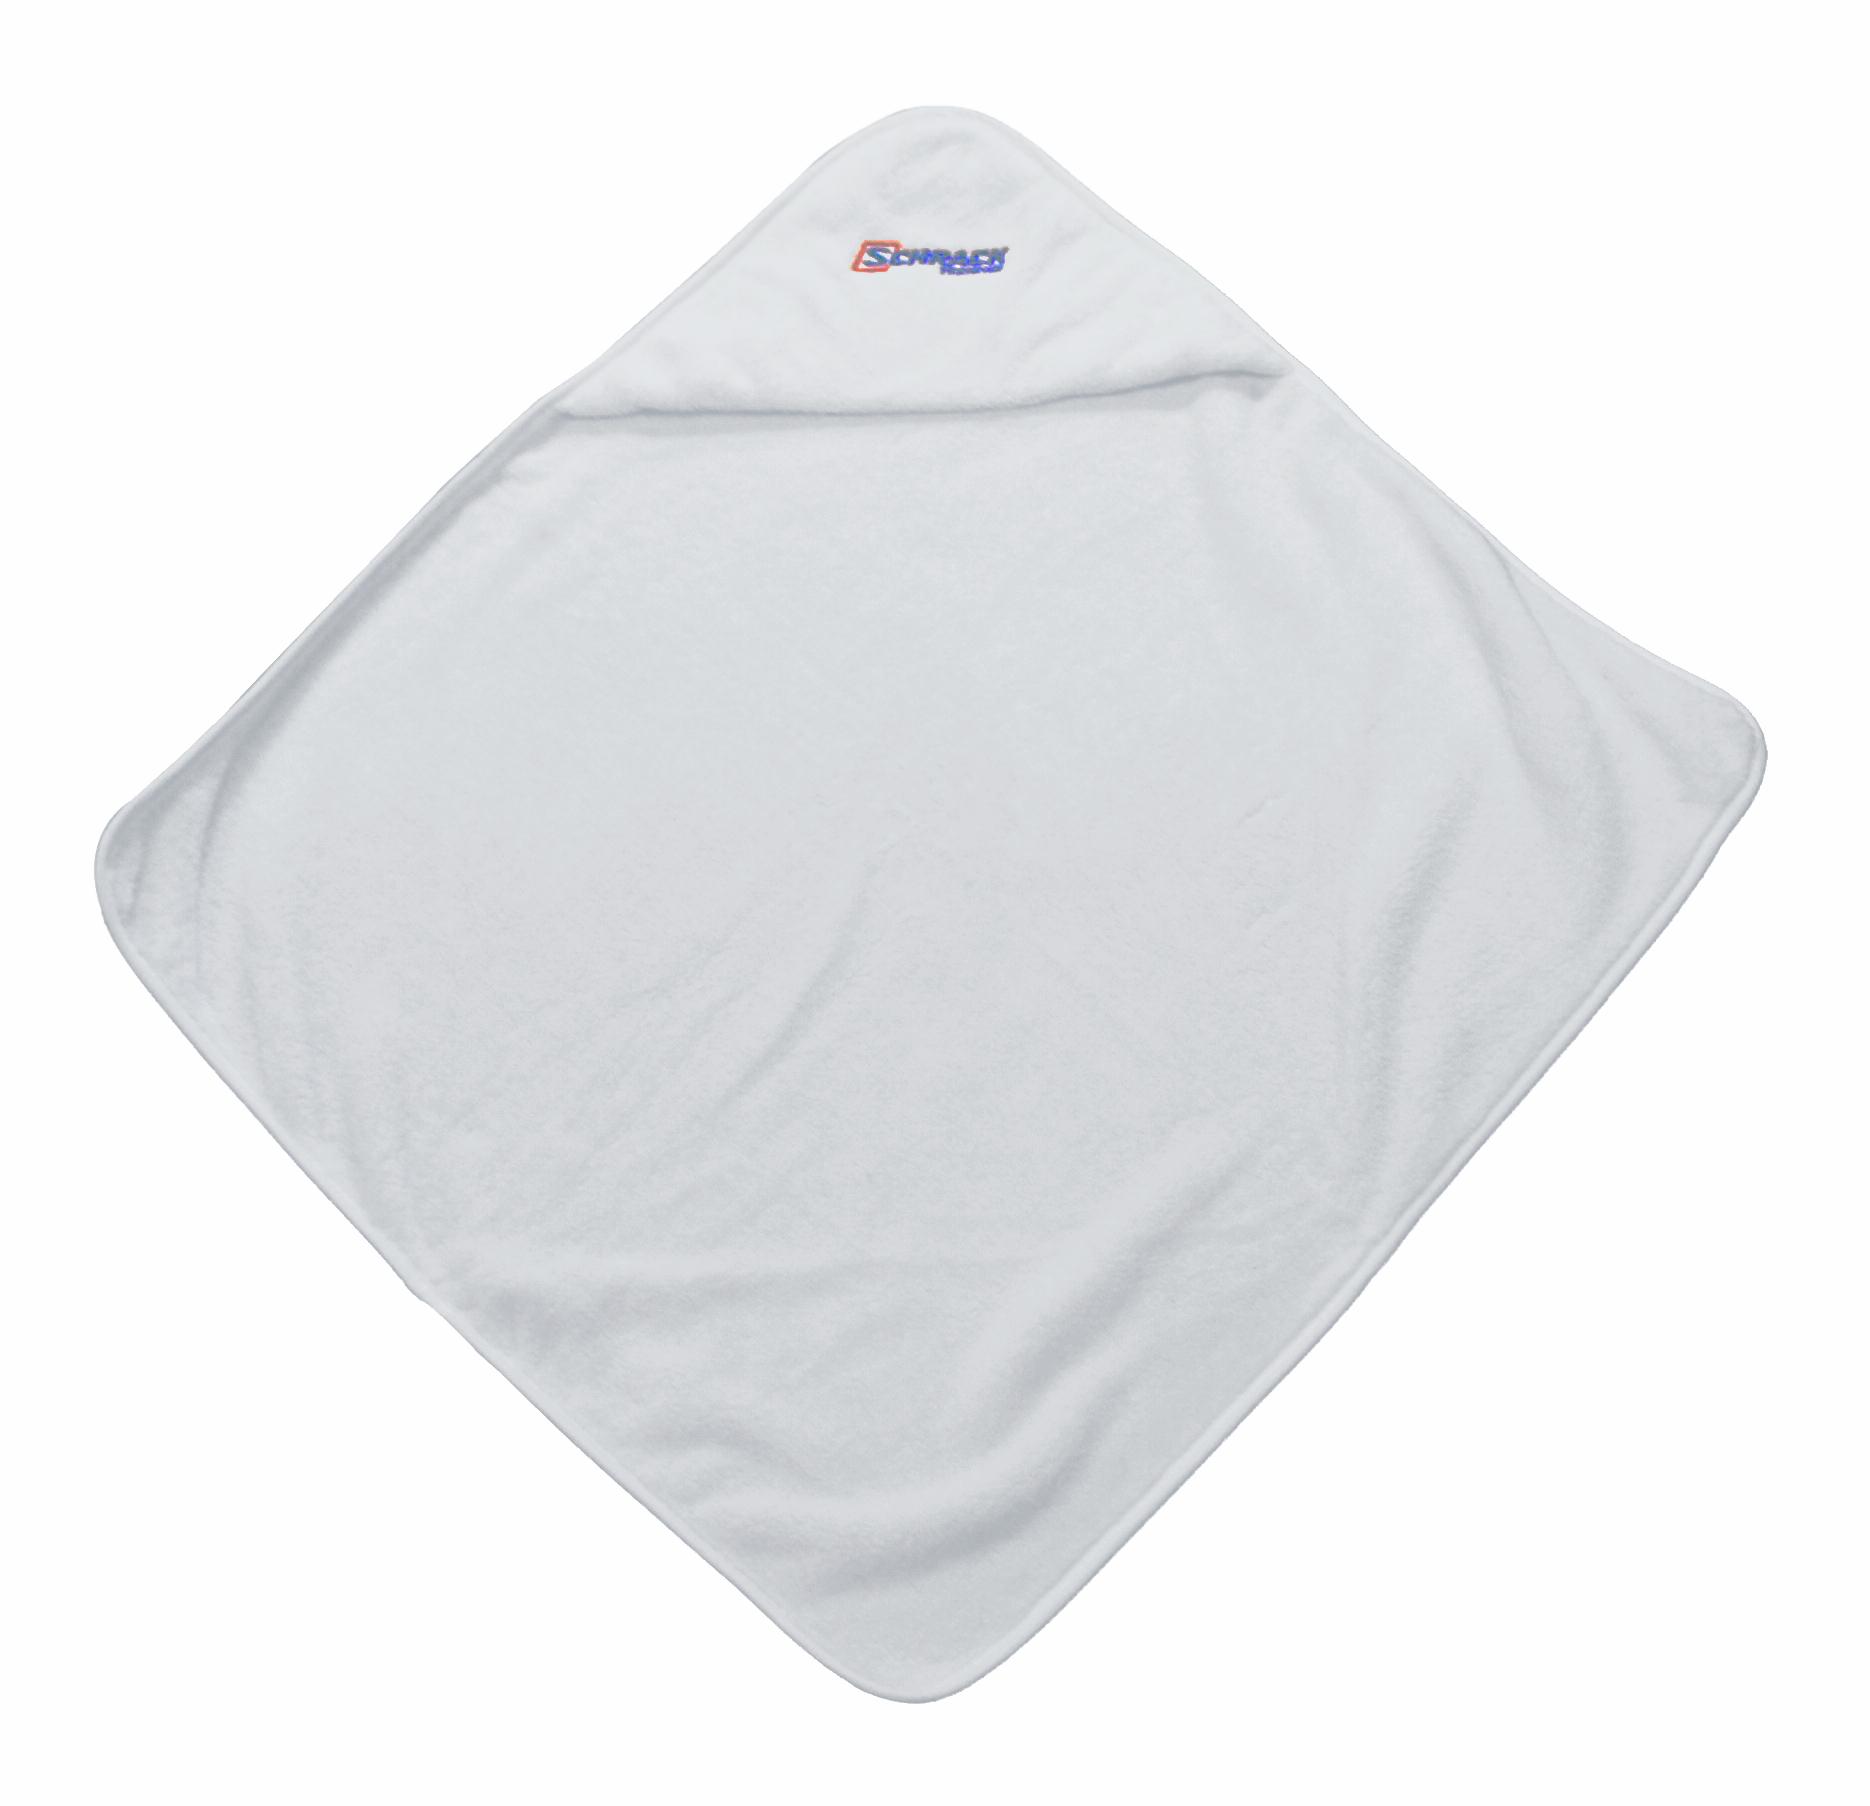 1 Stk Kinder-Badetuch weiß W-95000342